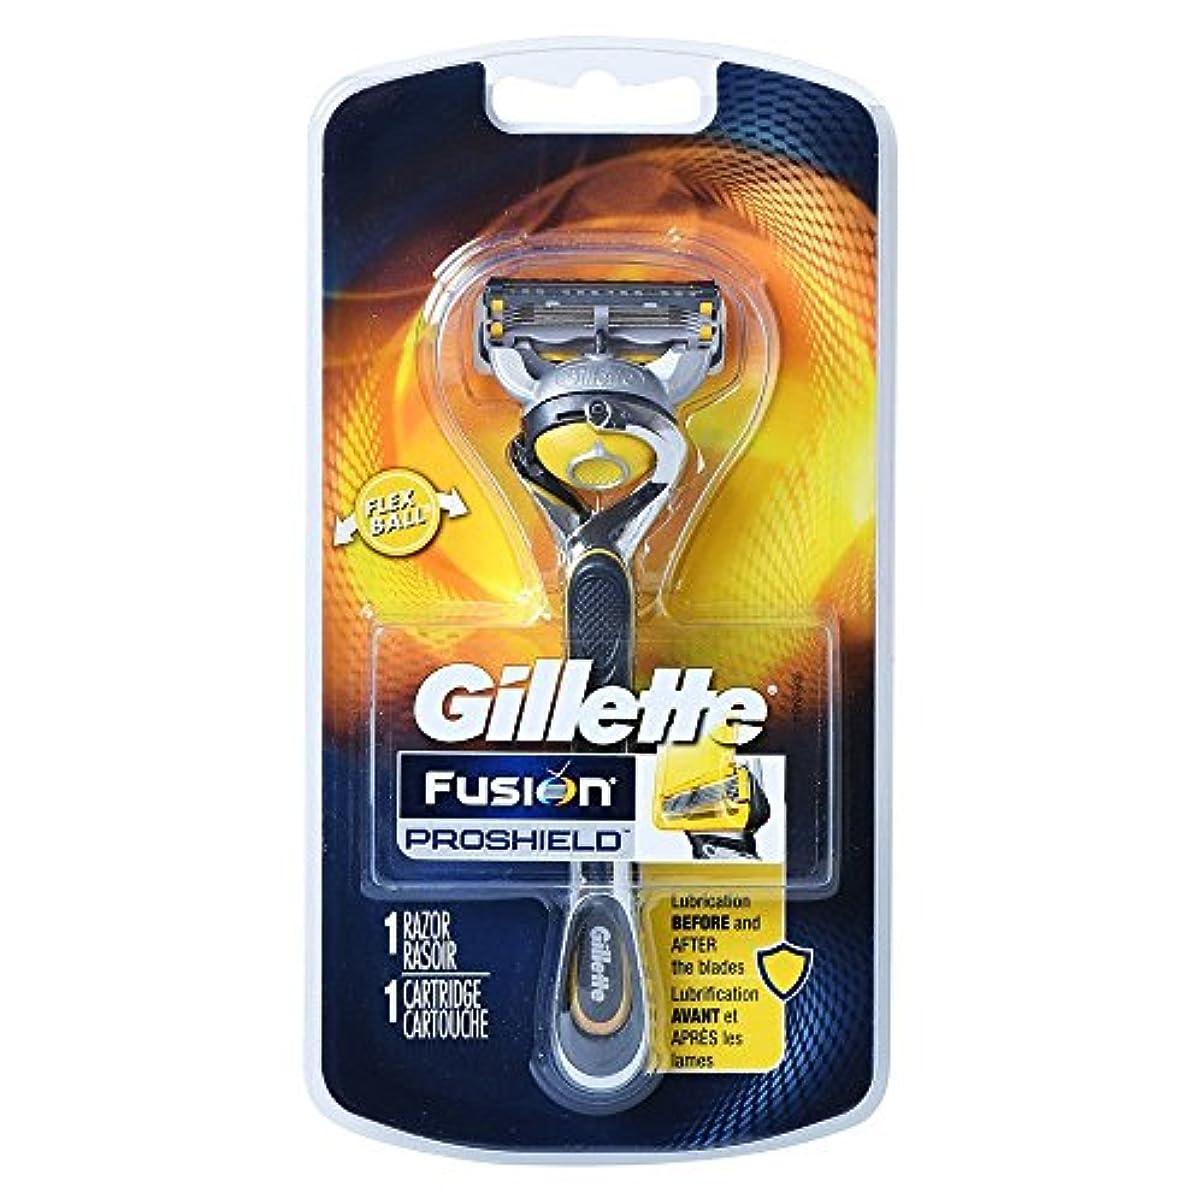 プール過去放送Gillette Fusion Proshield Yellow フレックスボール剃刀でメンズカミソリ Refrills 1 [並行輸入品]